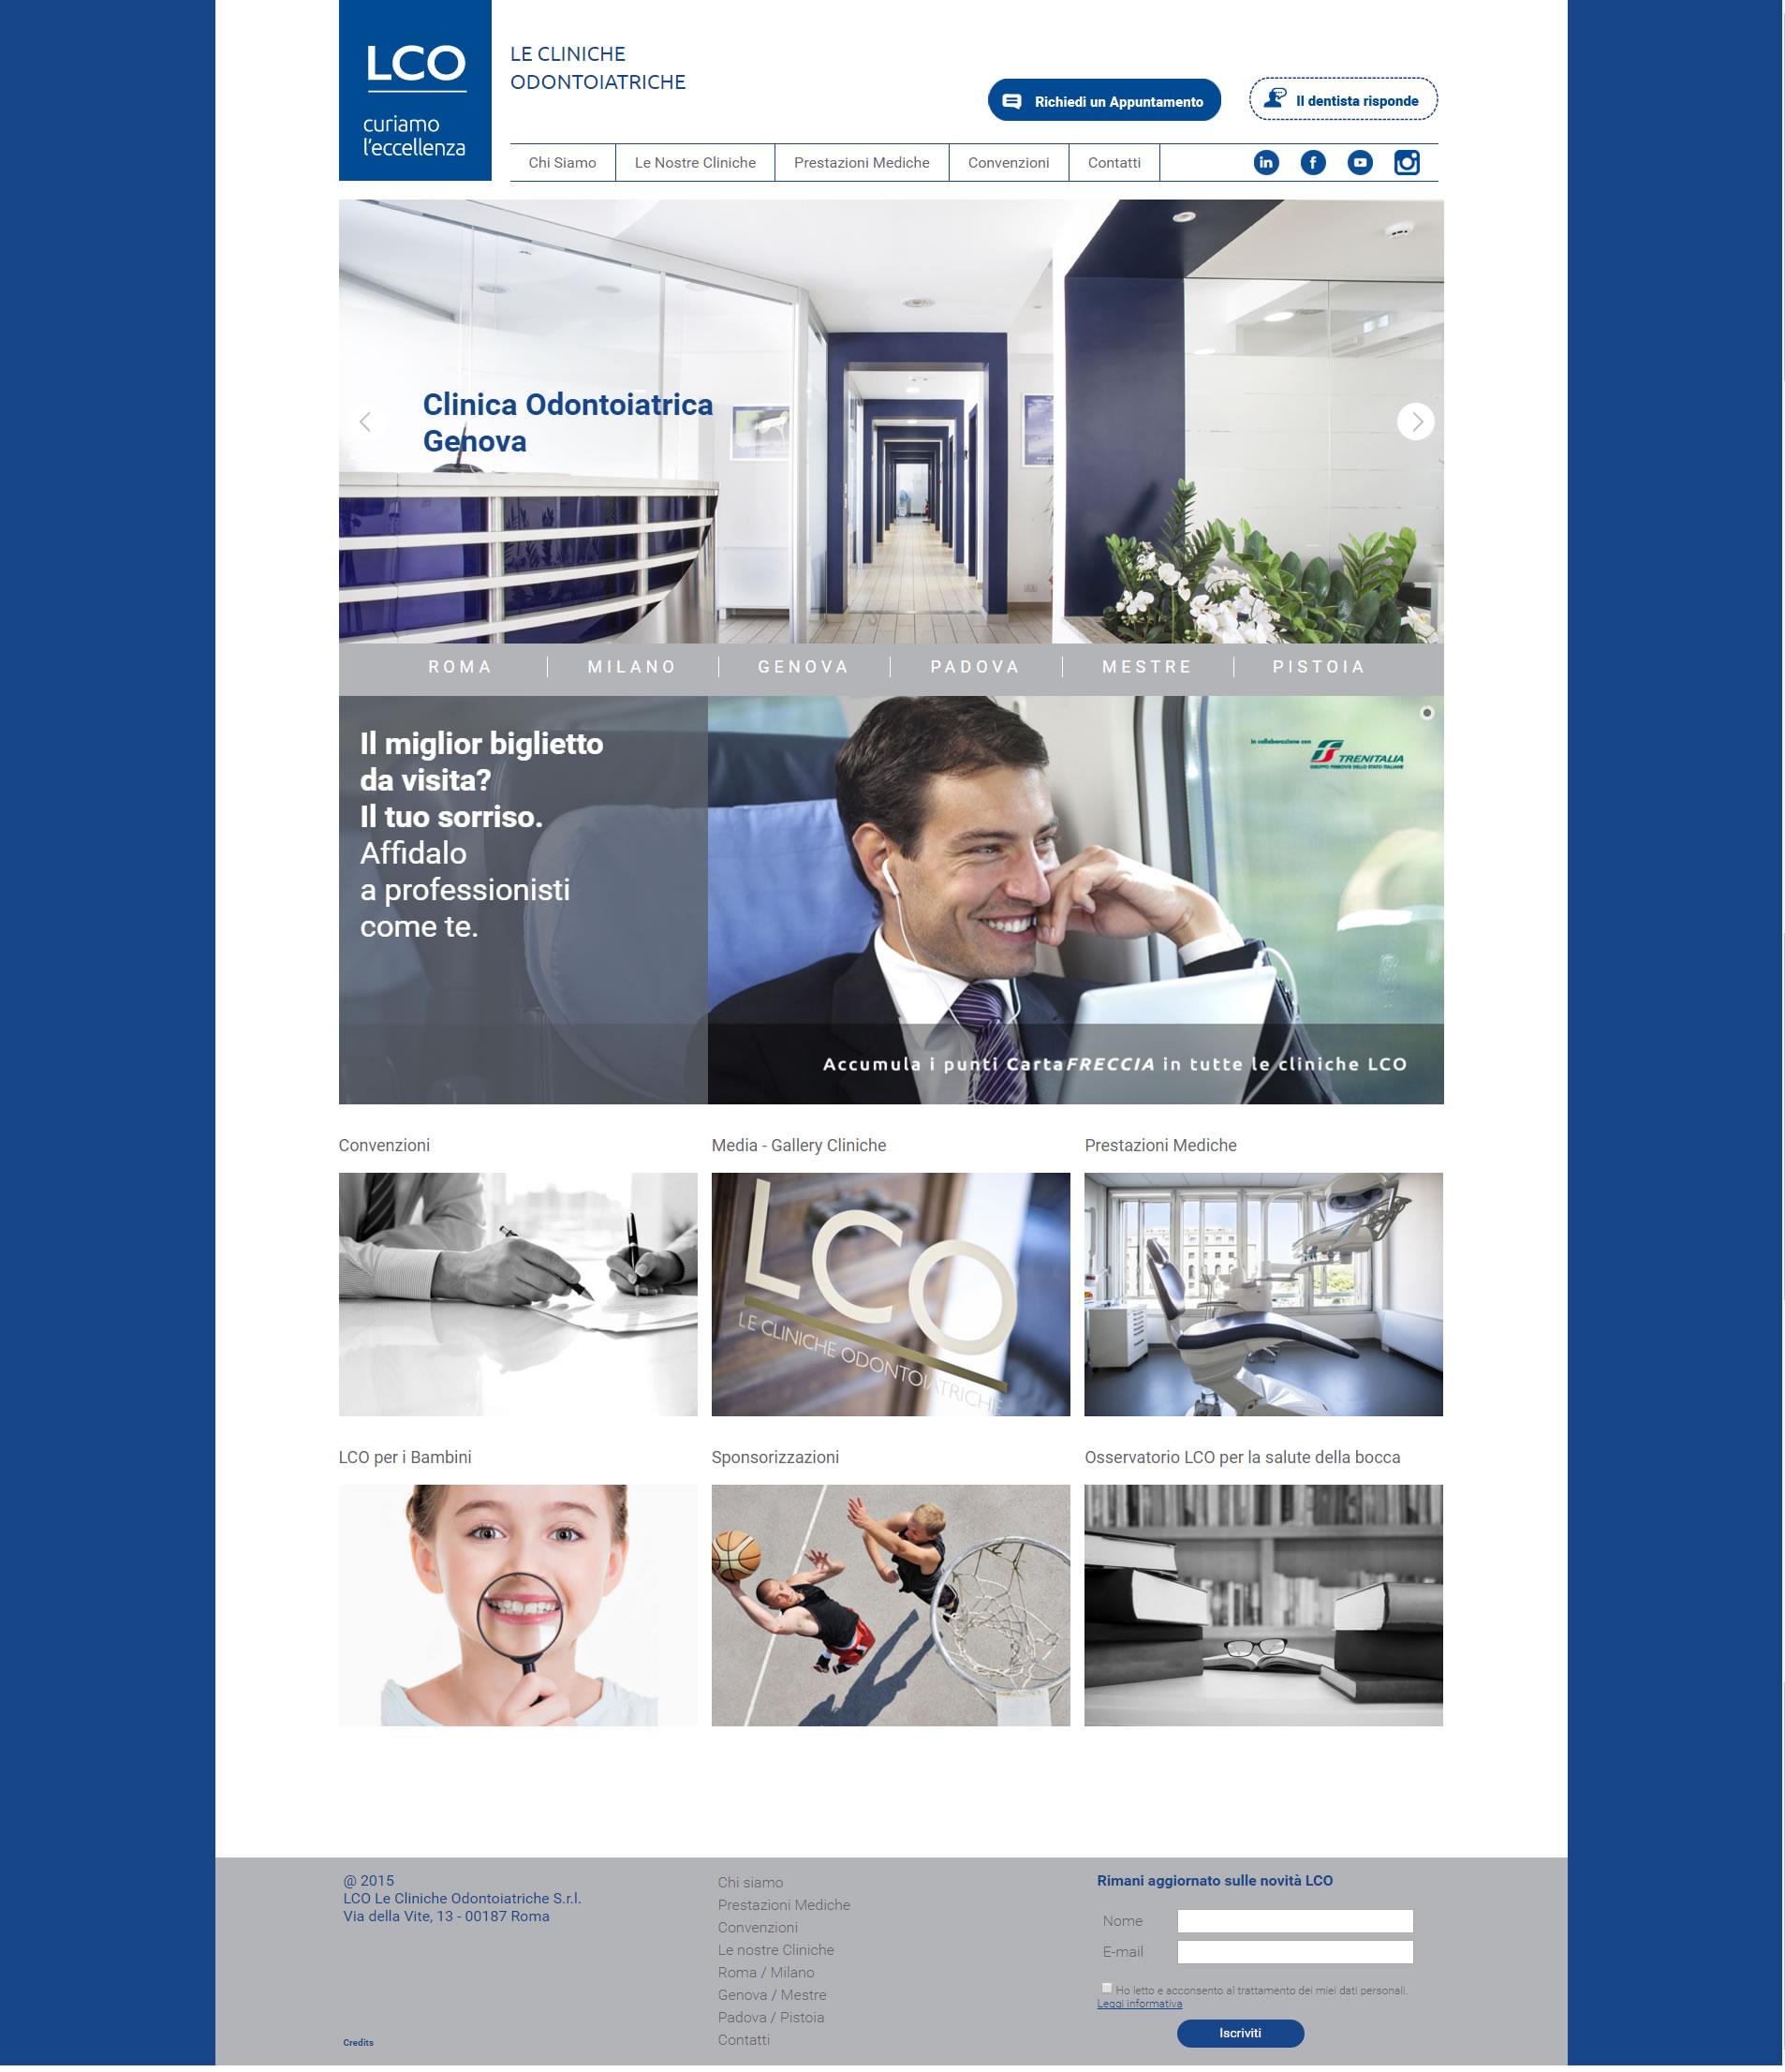 LCO - Le Cliniche Odontoiatriche